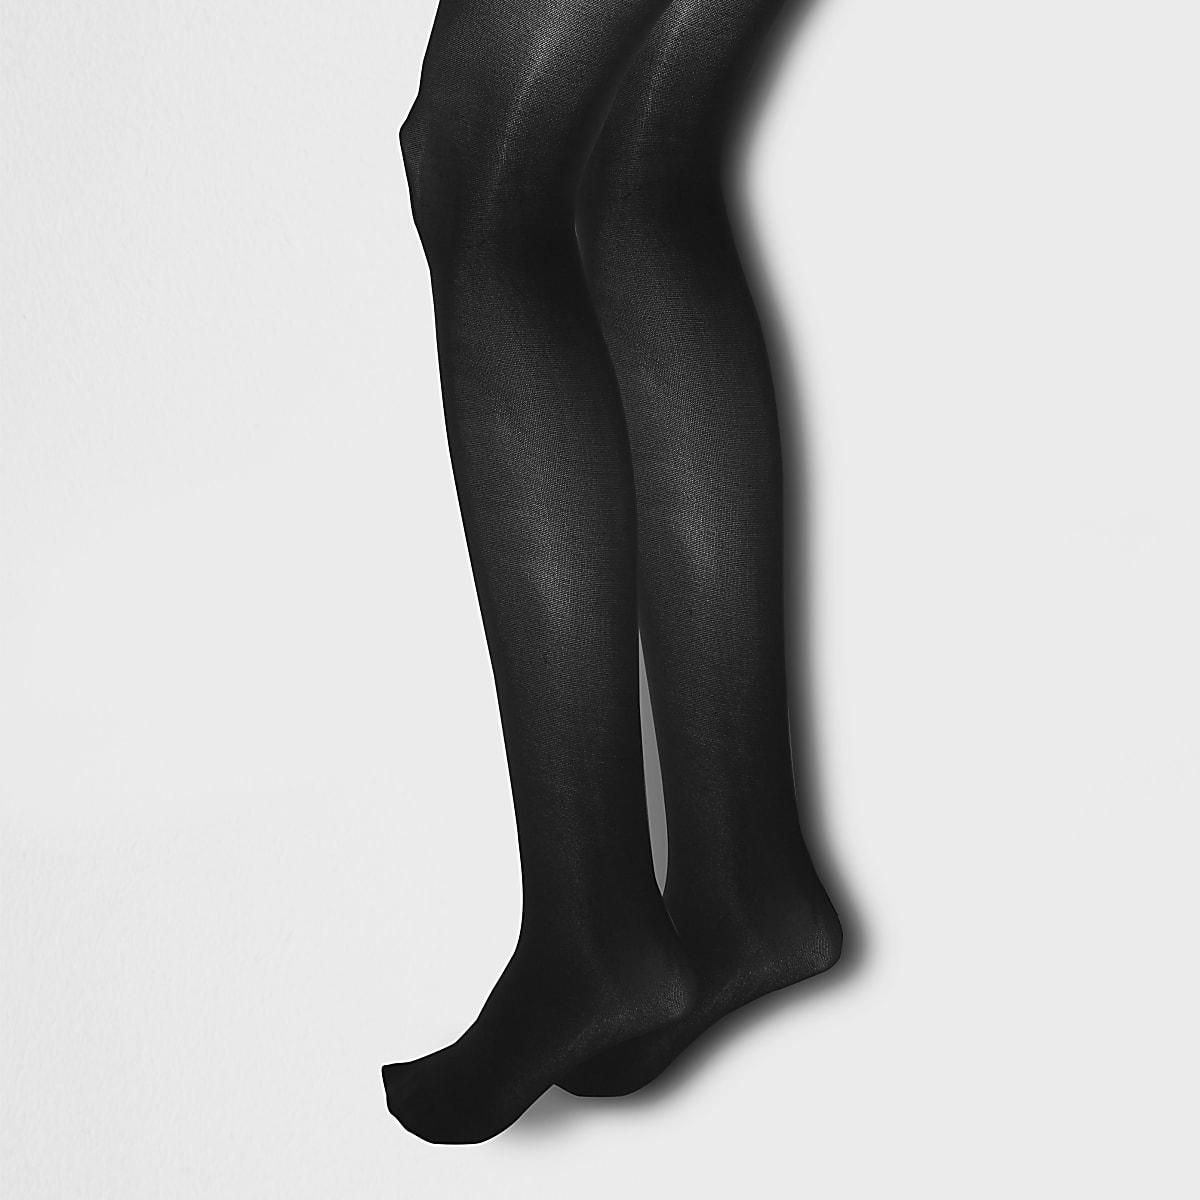 Schwarze Strumpfhose, 40 DEN